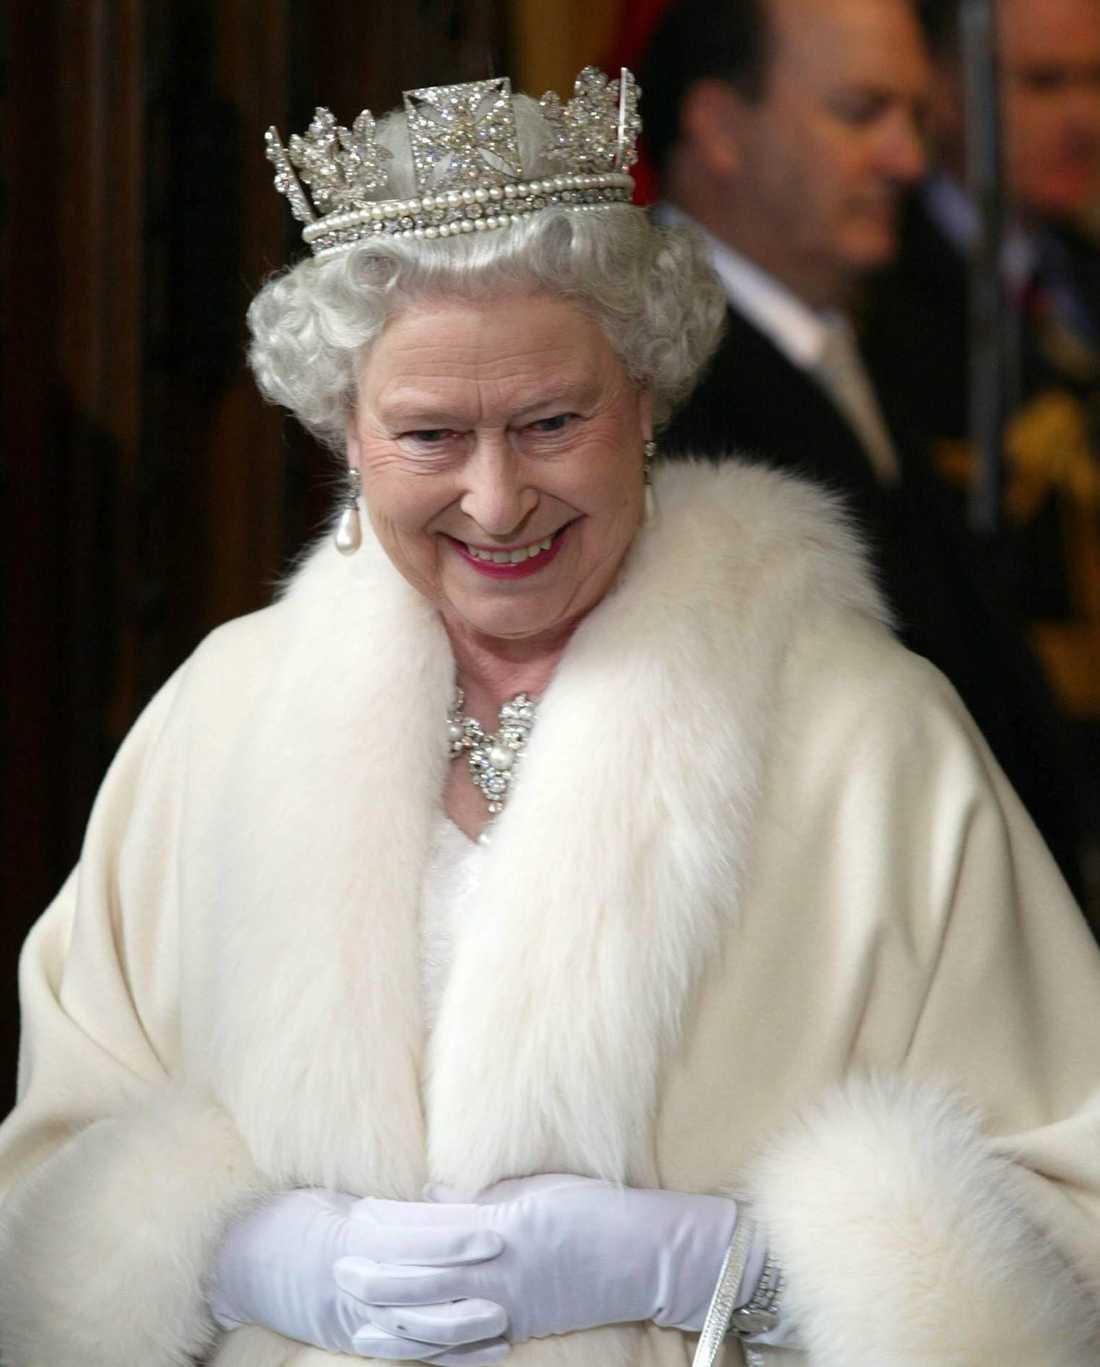 Från djurrättshåll jublar man över drottningens ställningstagande,